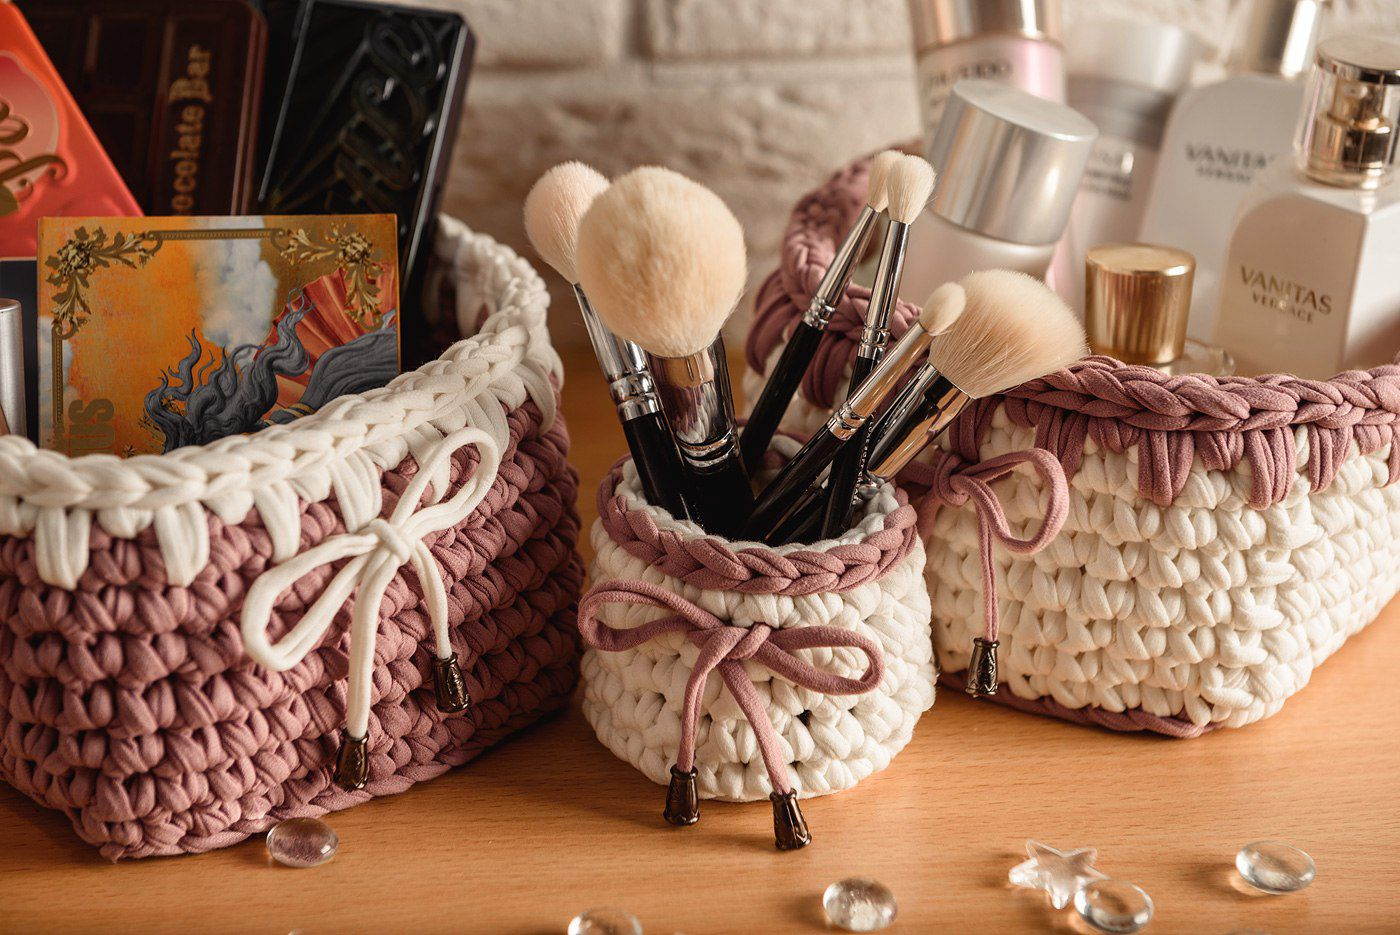 хэндмэйд handmade chrochet knitedbags ручнаяработа